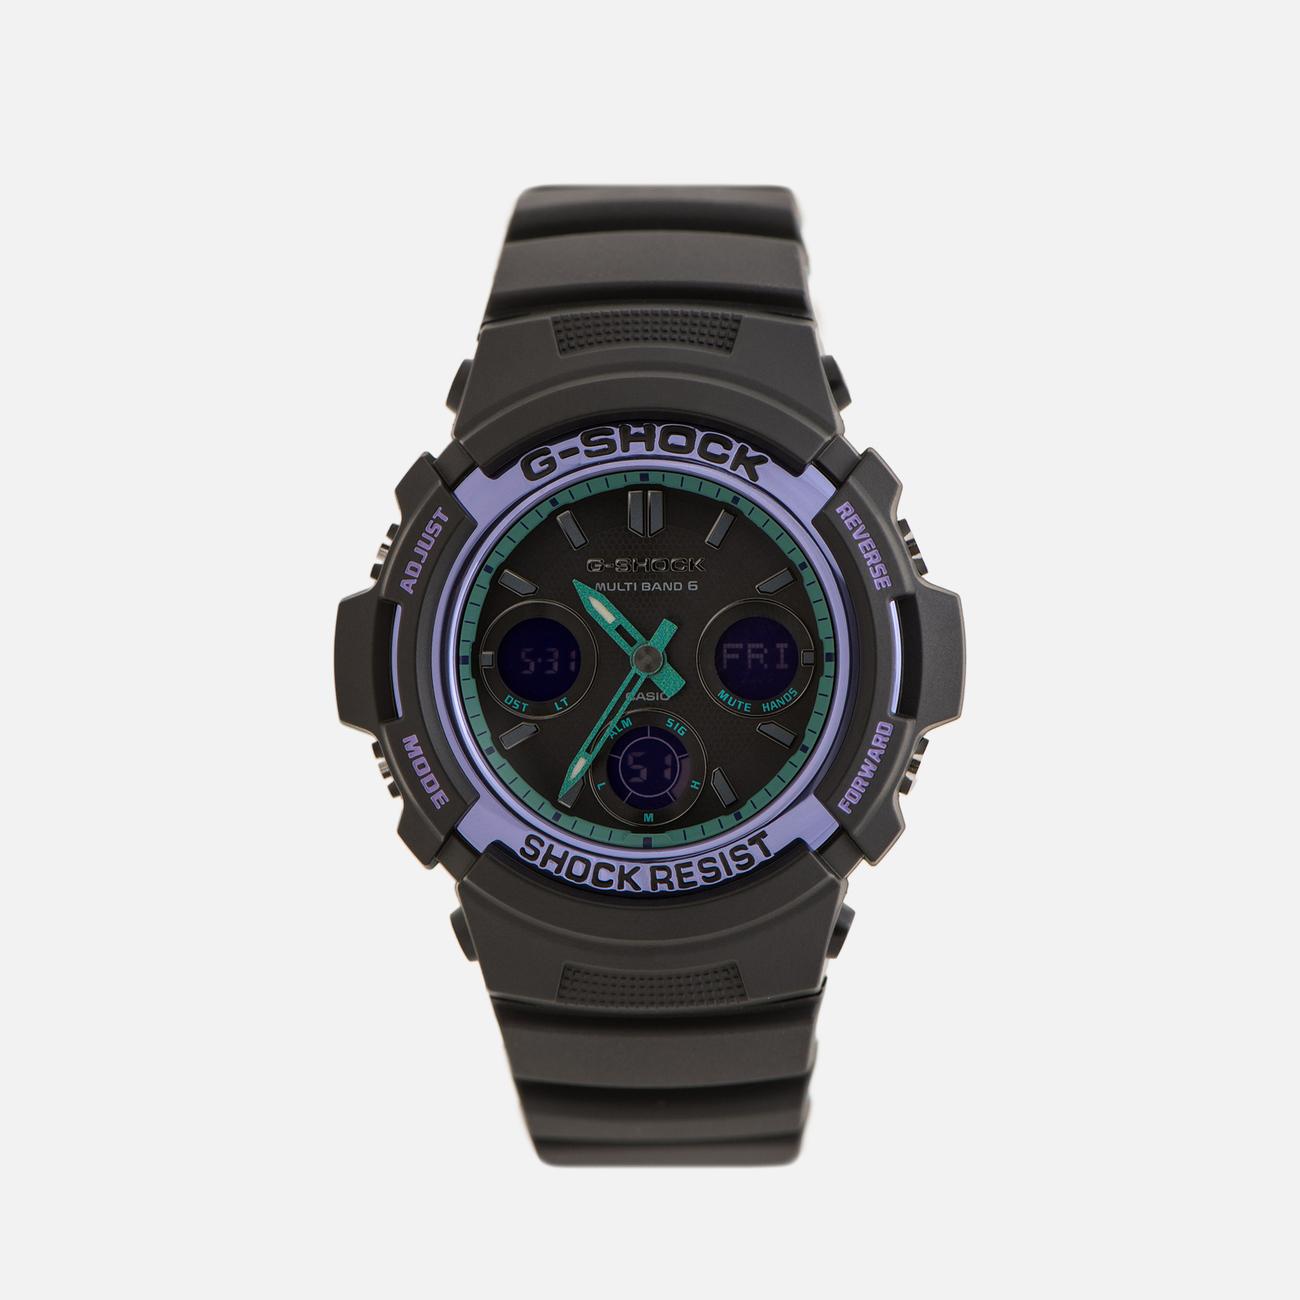 Наручные часы CASIO G-SHOCK AWG-M100SBL-1AER 90s Series Black/Purple/Green